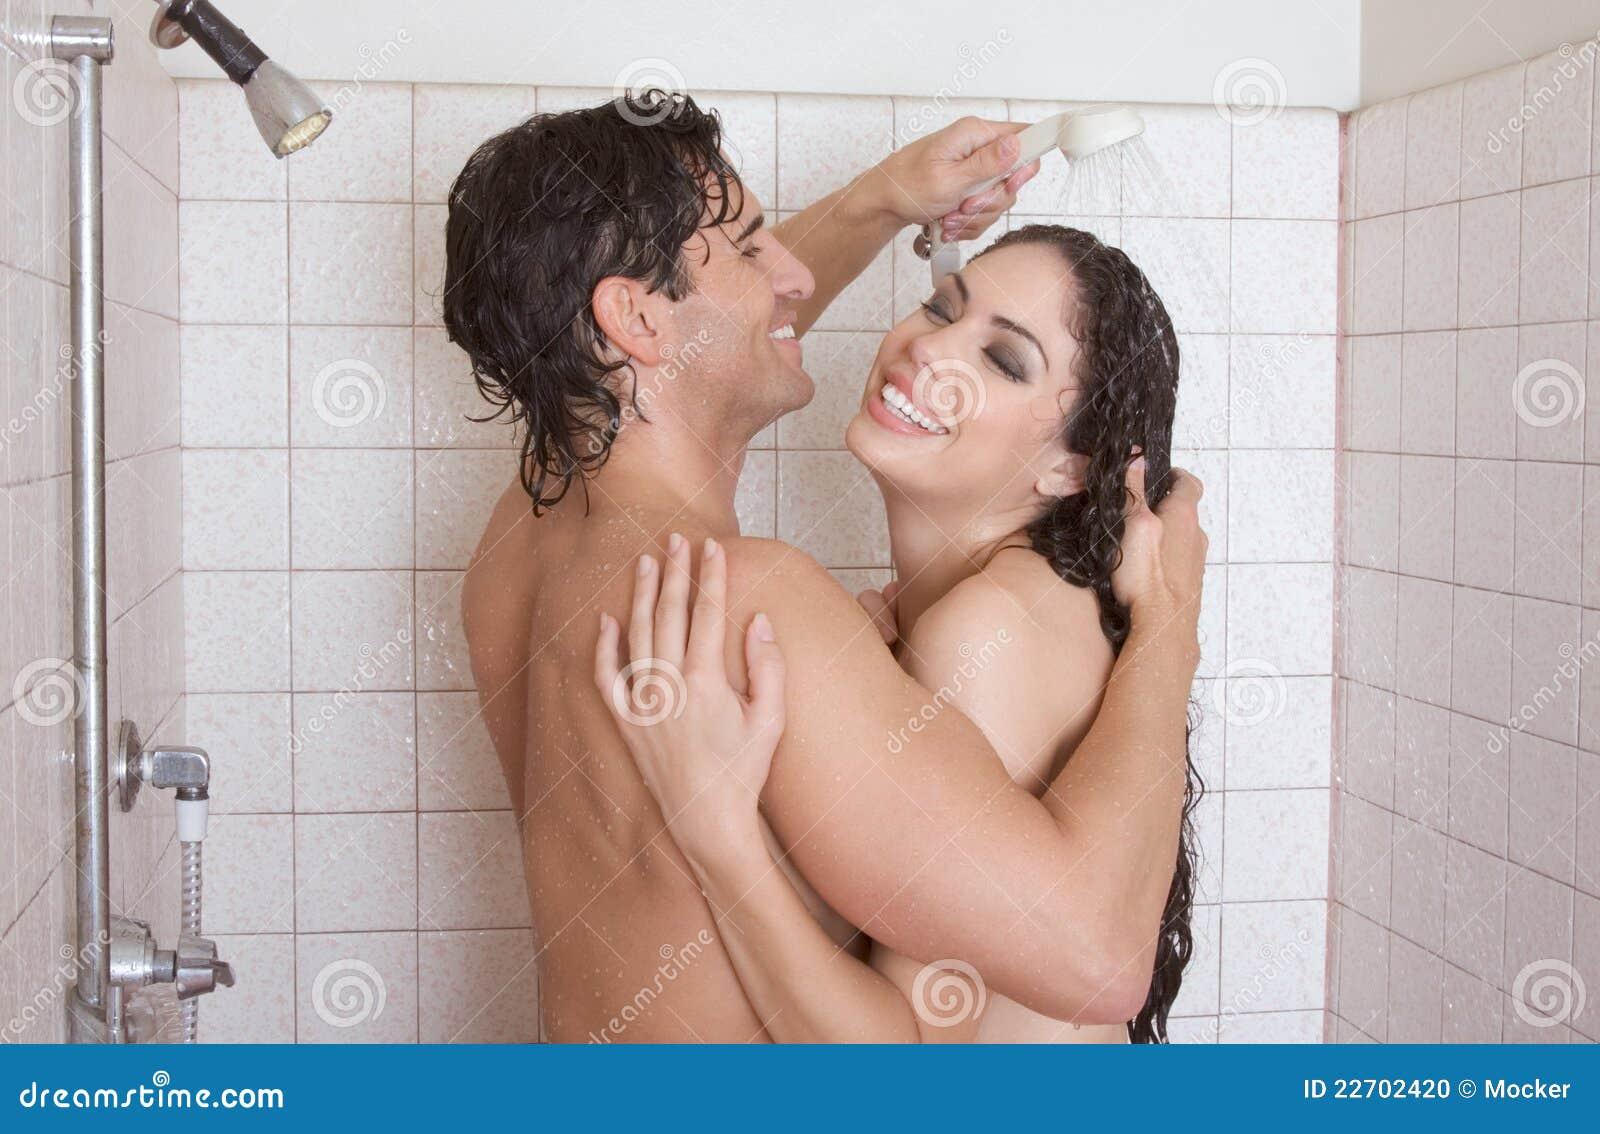 Baisers nus dans la douche